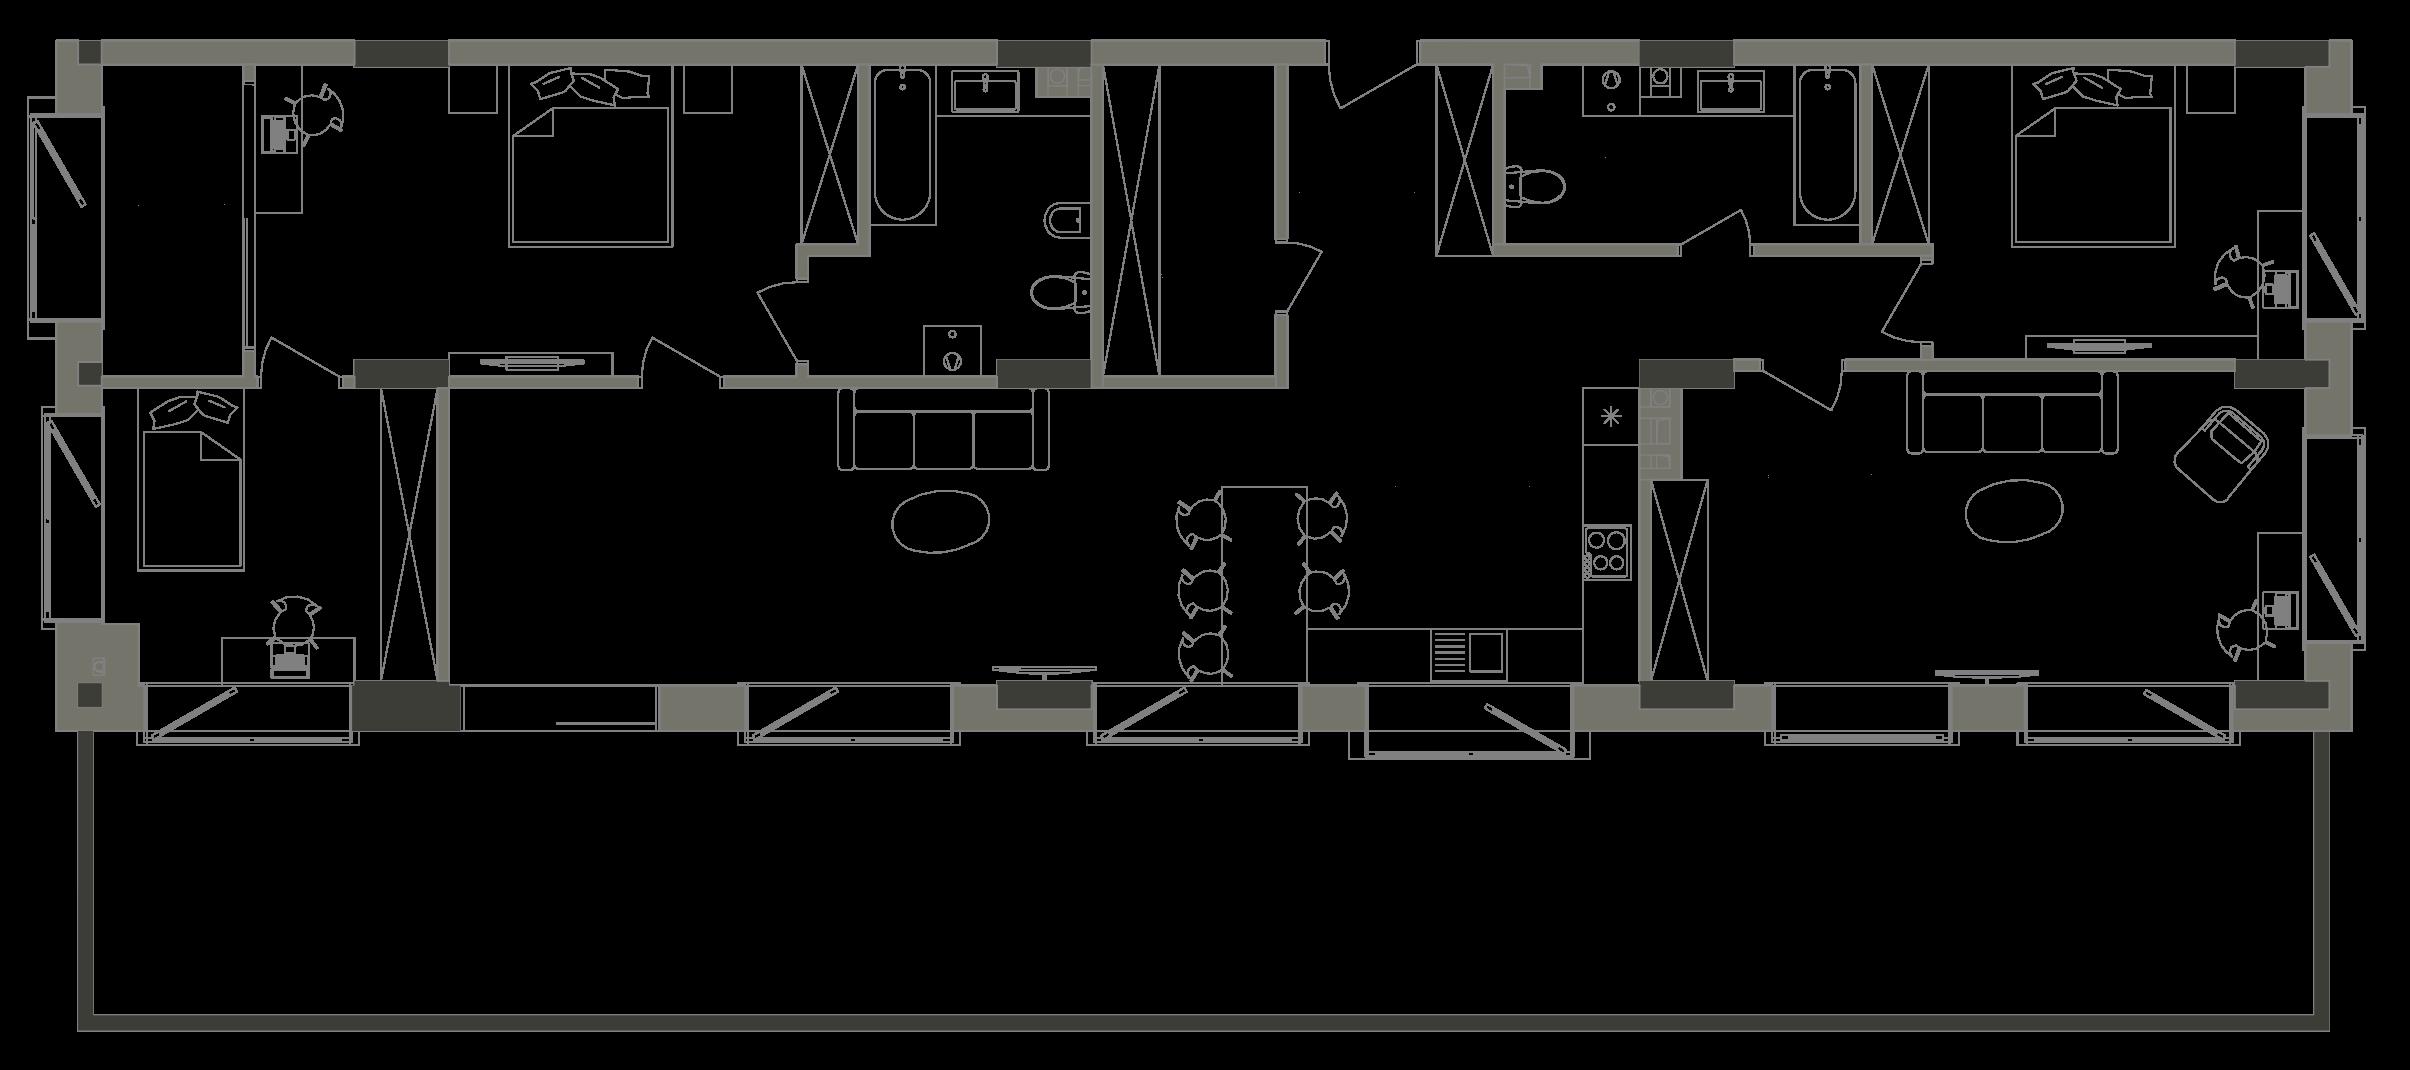 Квартира KV_19_4A_1_1_1